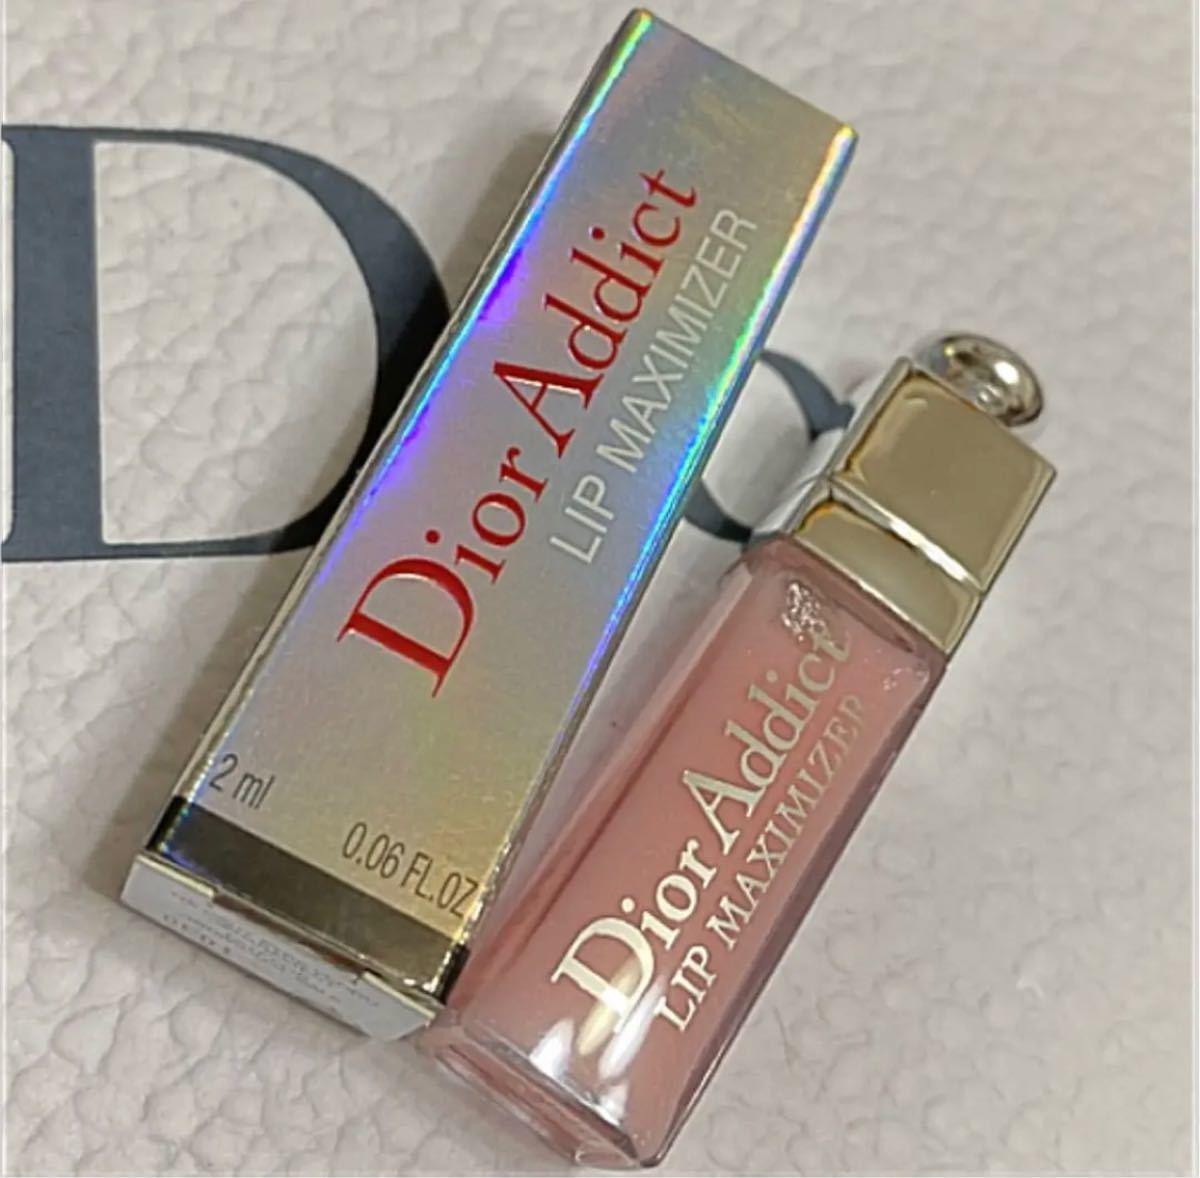 ディオール アディクト リップ マキシマイザー ミニサイズ 001 ピンク 箱付き 新品未使用